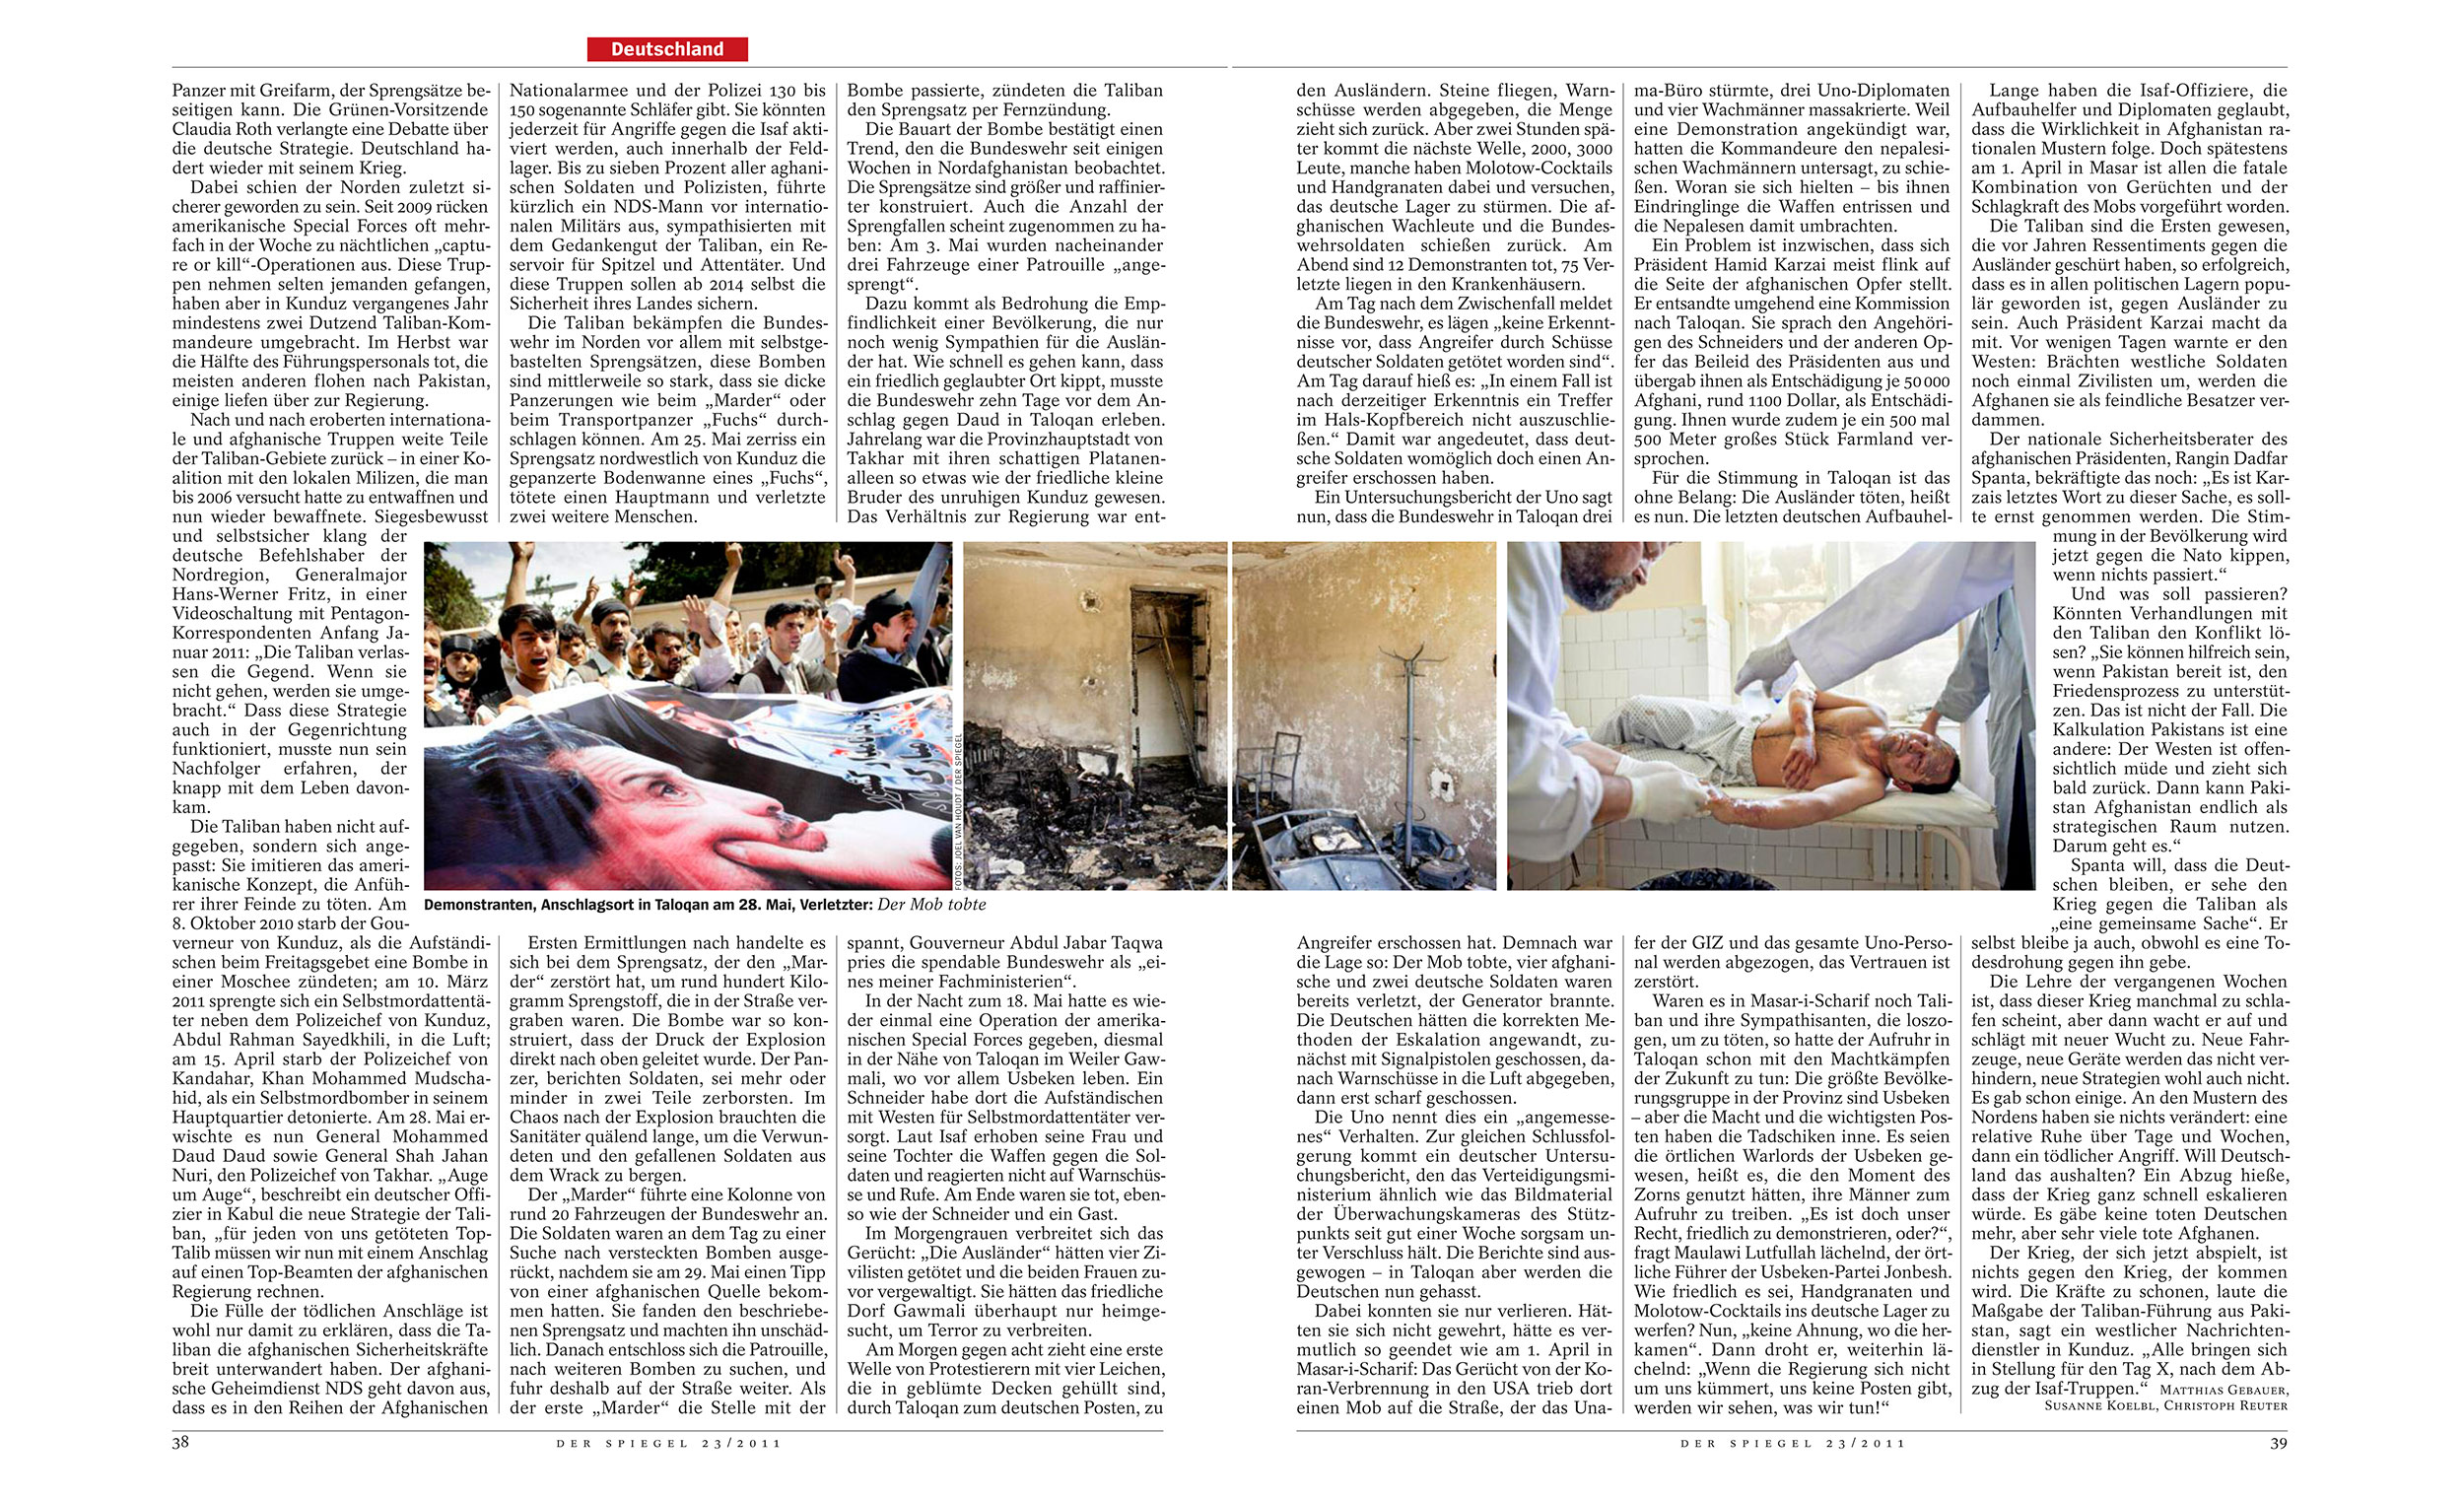 Der Spiegel 23, 2011